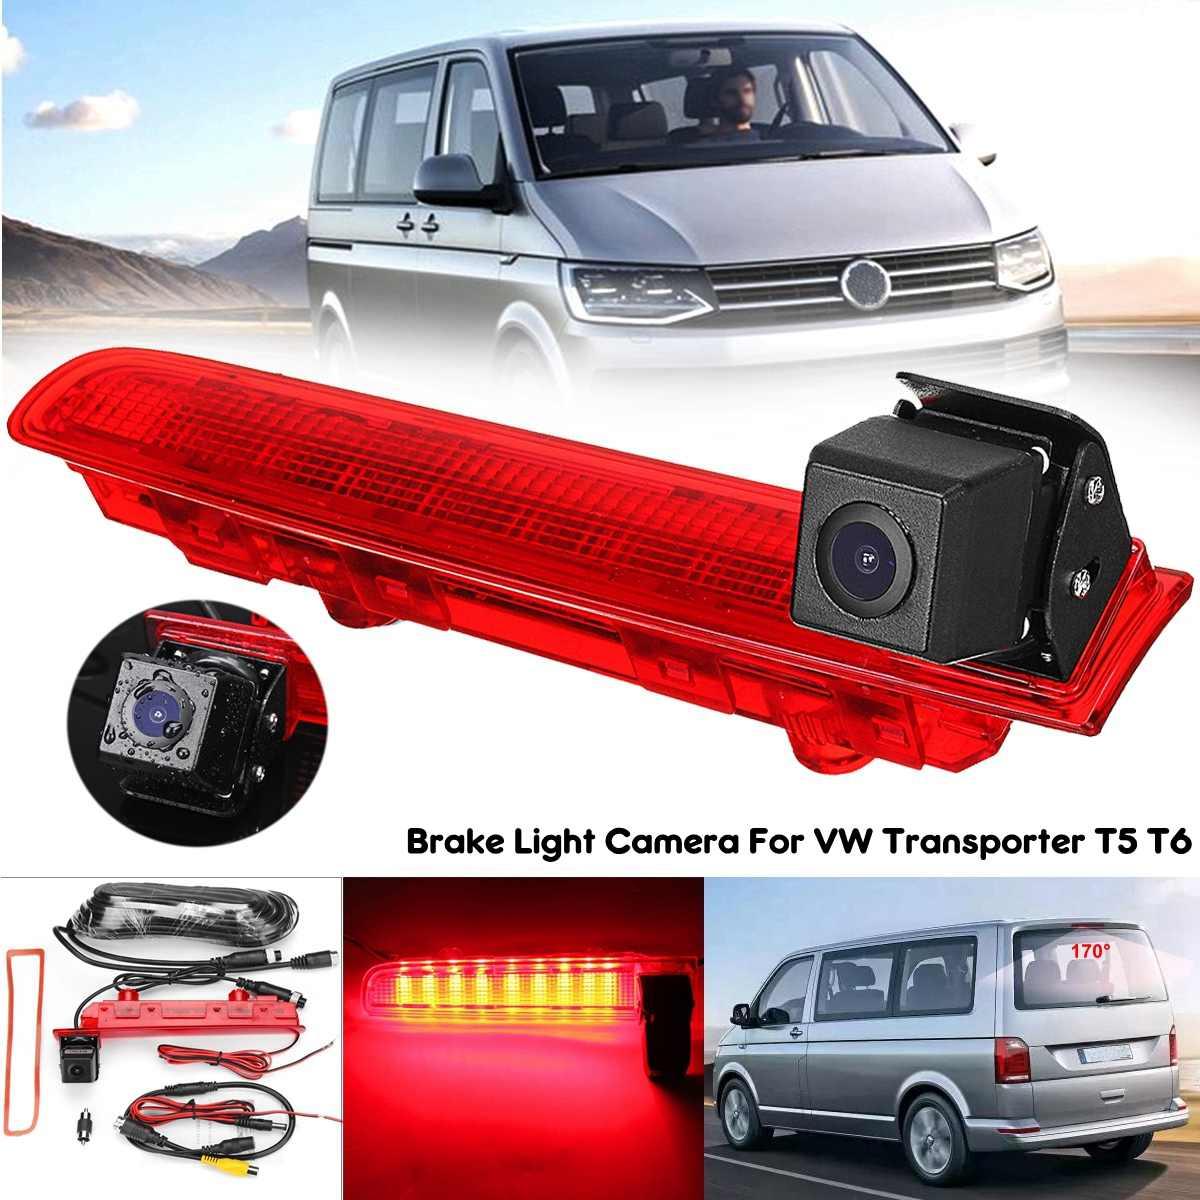 170 Degree Car Reversing Backup Rear View Camera w Brake Light For VW Transporter T5 T6